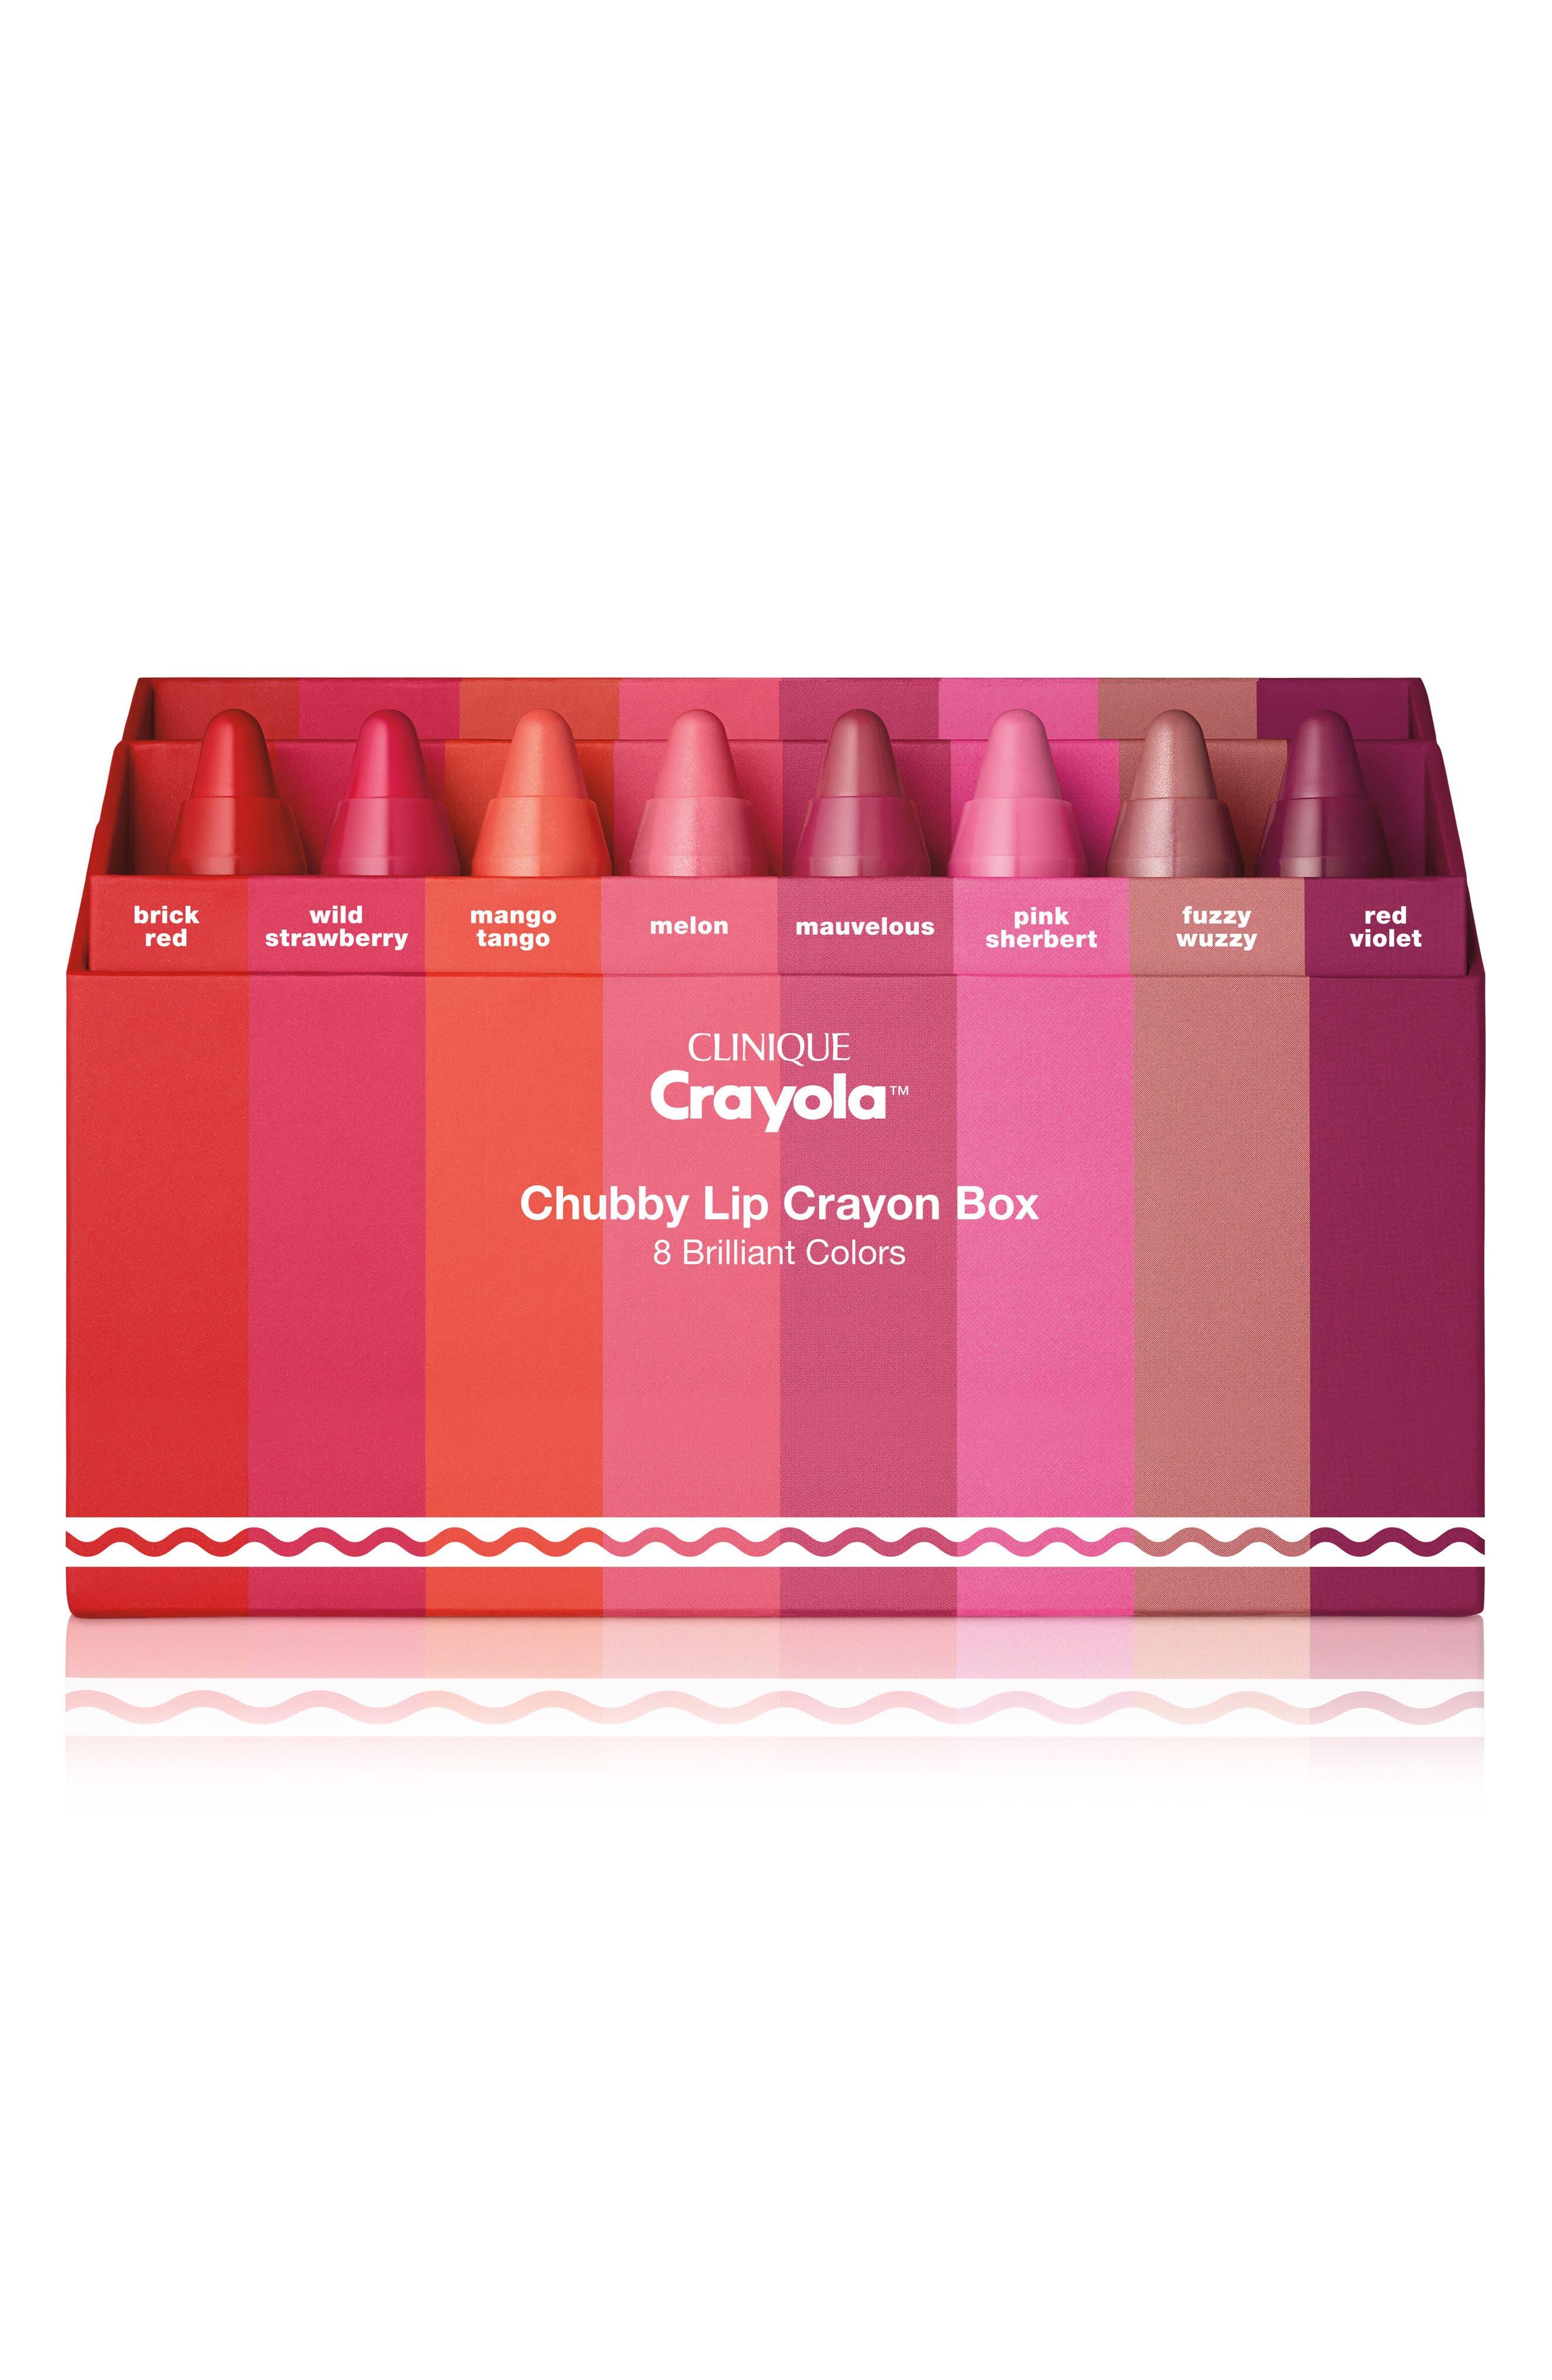 Crayola<sup>™</sup> Chubby Lip Crayon Box,                             Main thumbnail 1, color,                             No Color